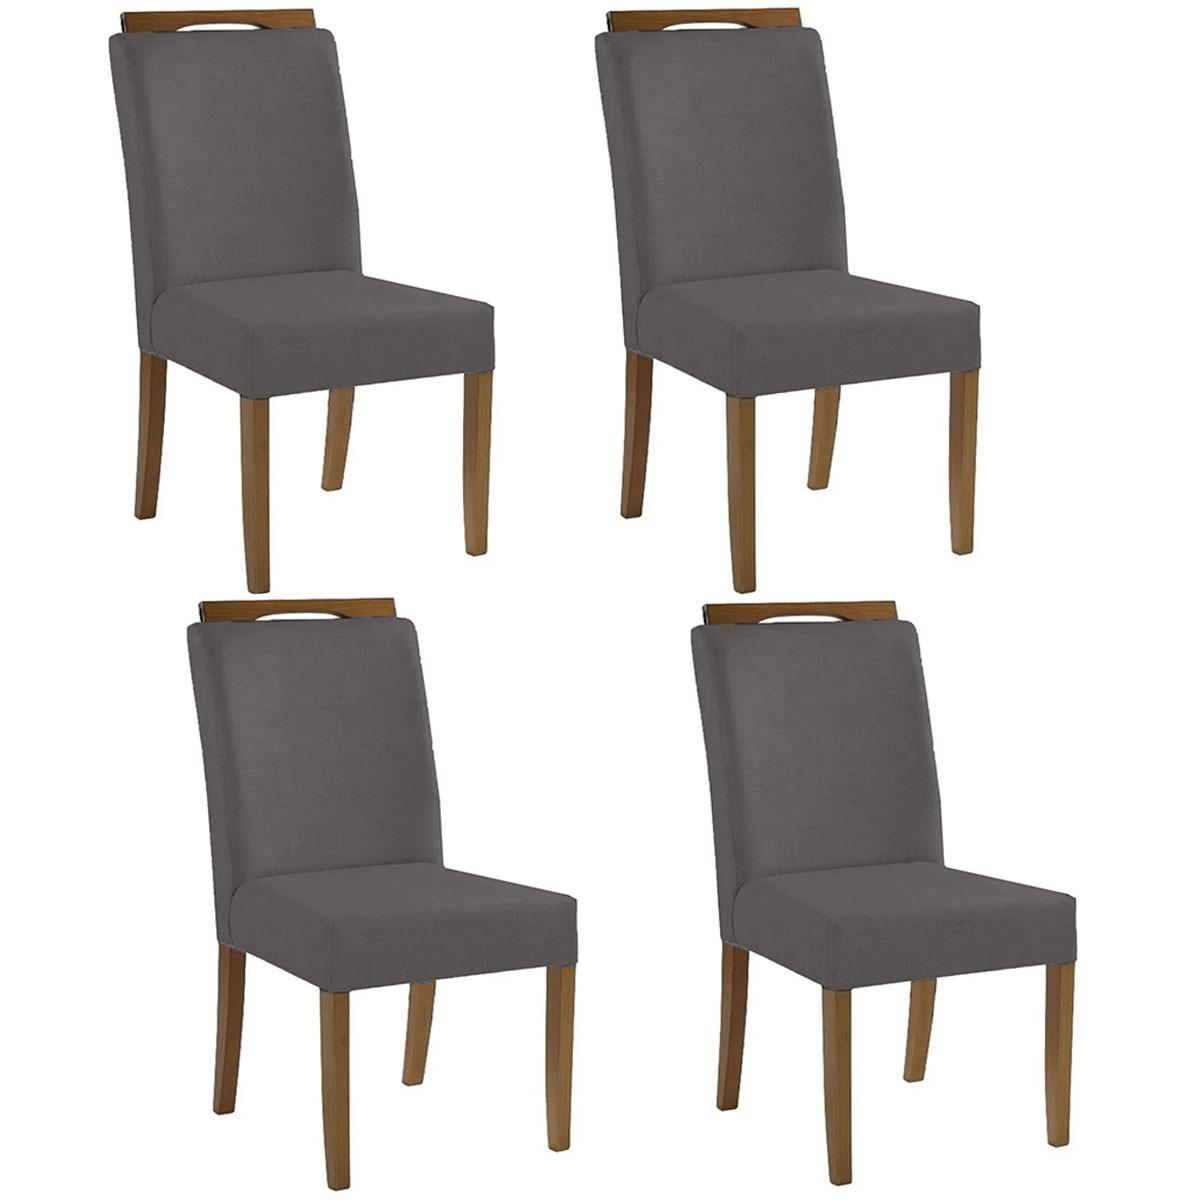 Kit 4 Cadeiras Estofadas Fabiana 100% Madeira Suede Cinza